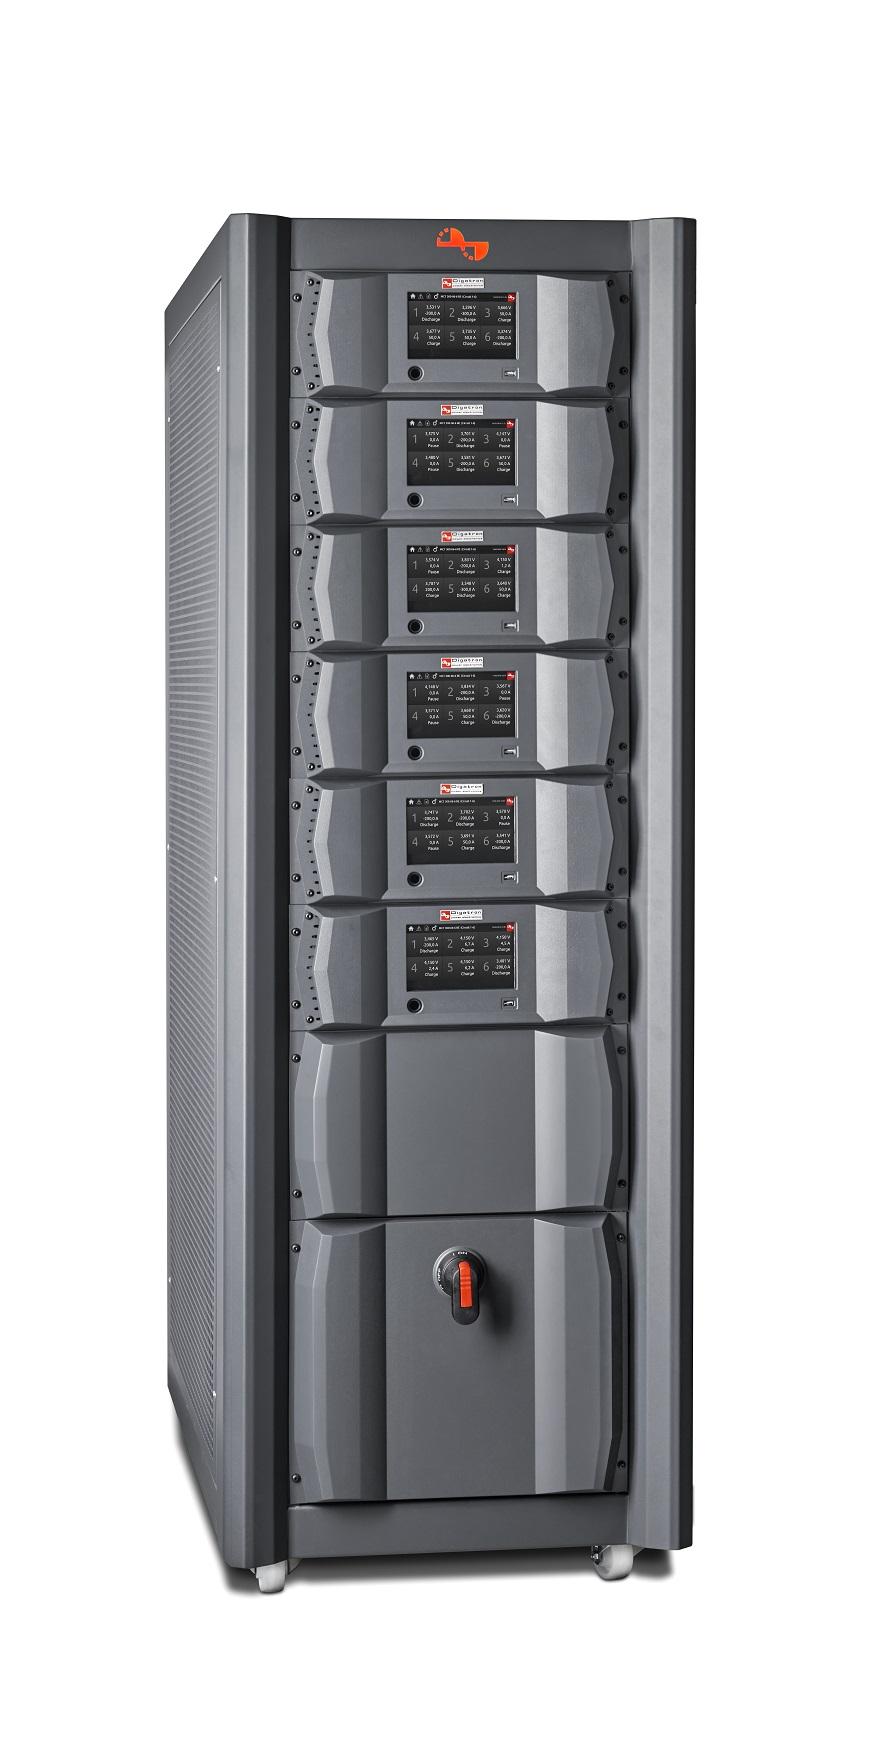 Digatron UBT-RE, Testssystem für Hochstromtests an Starterbatterien zwischen 10 und 40 Ampere, Einzelschrank